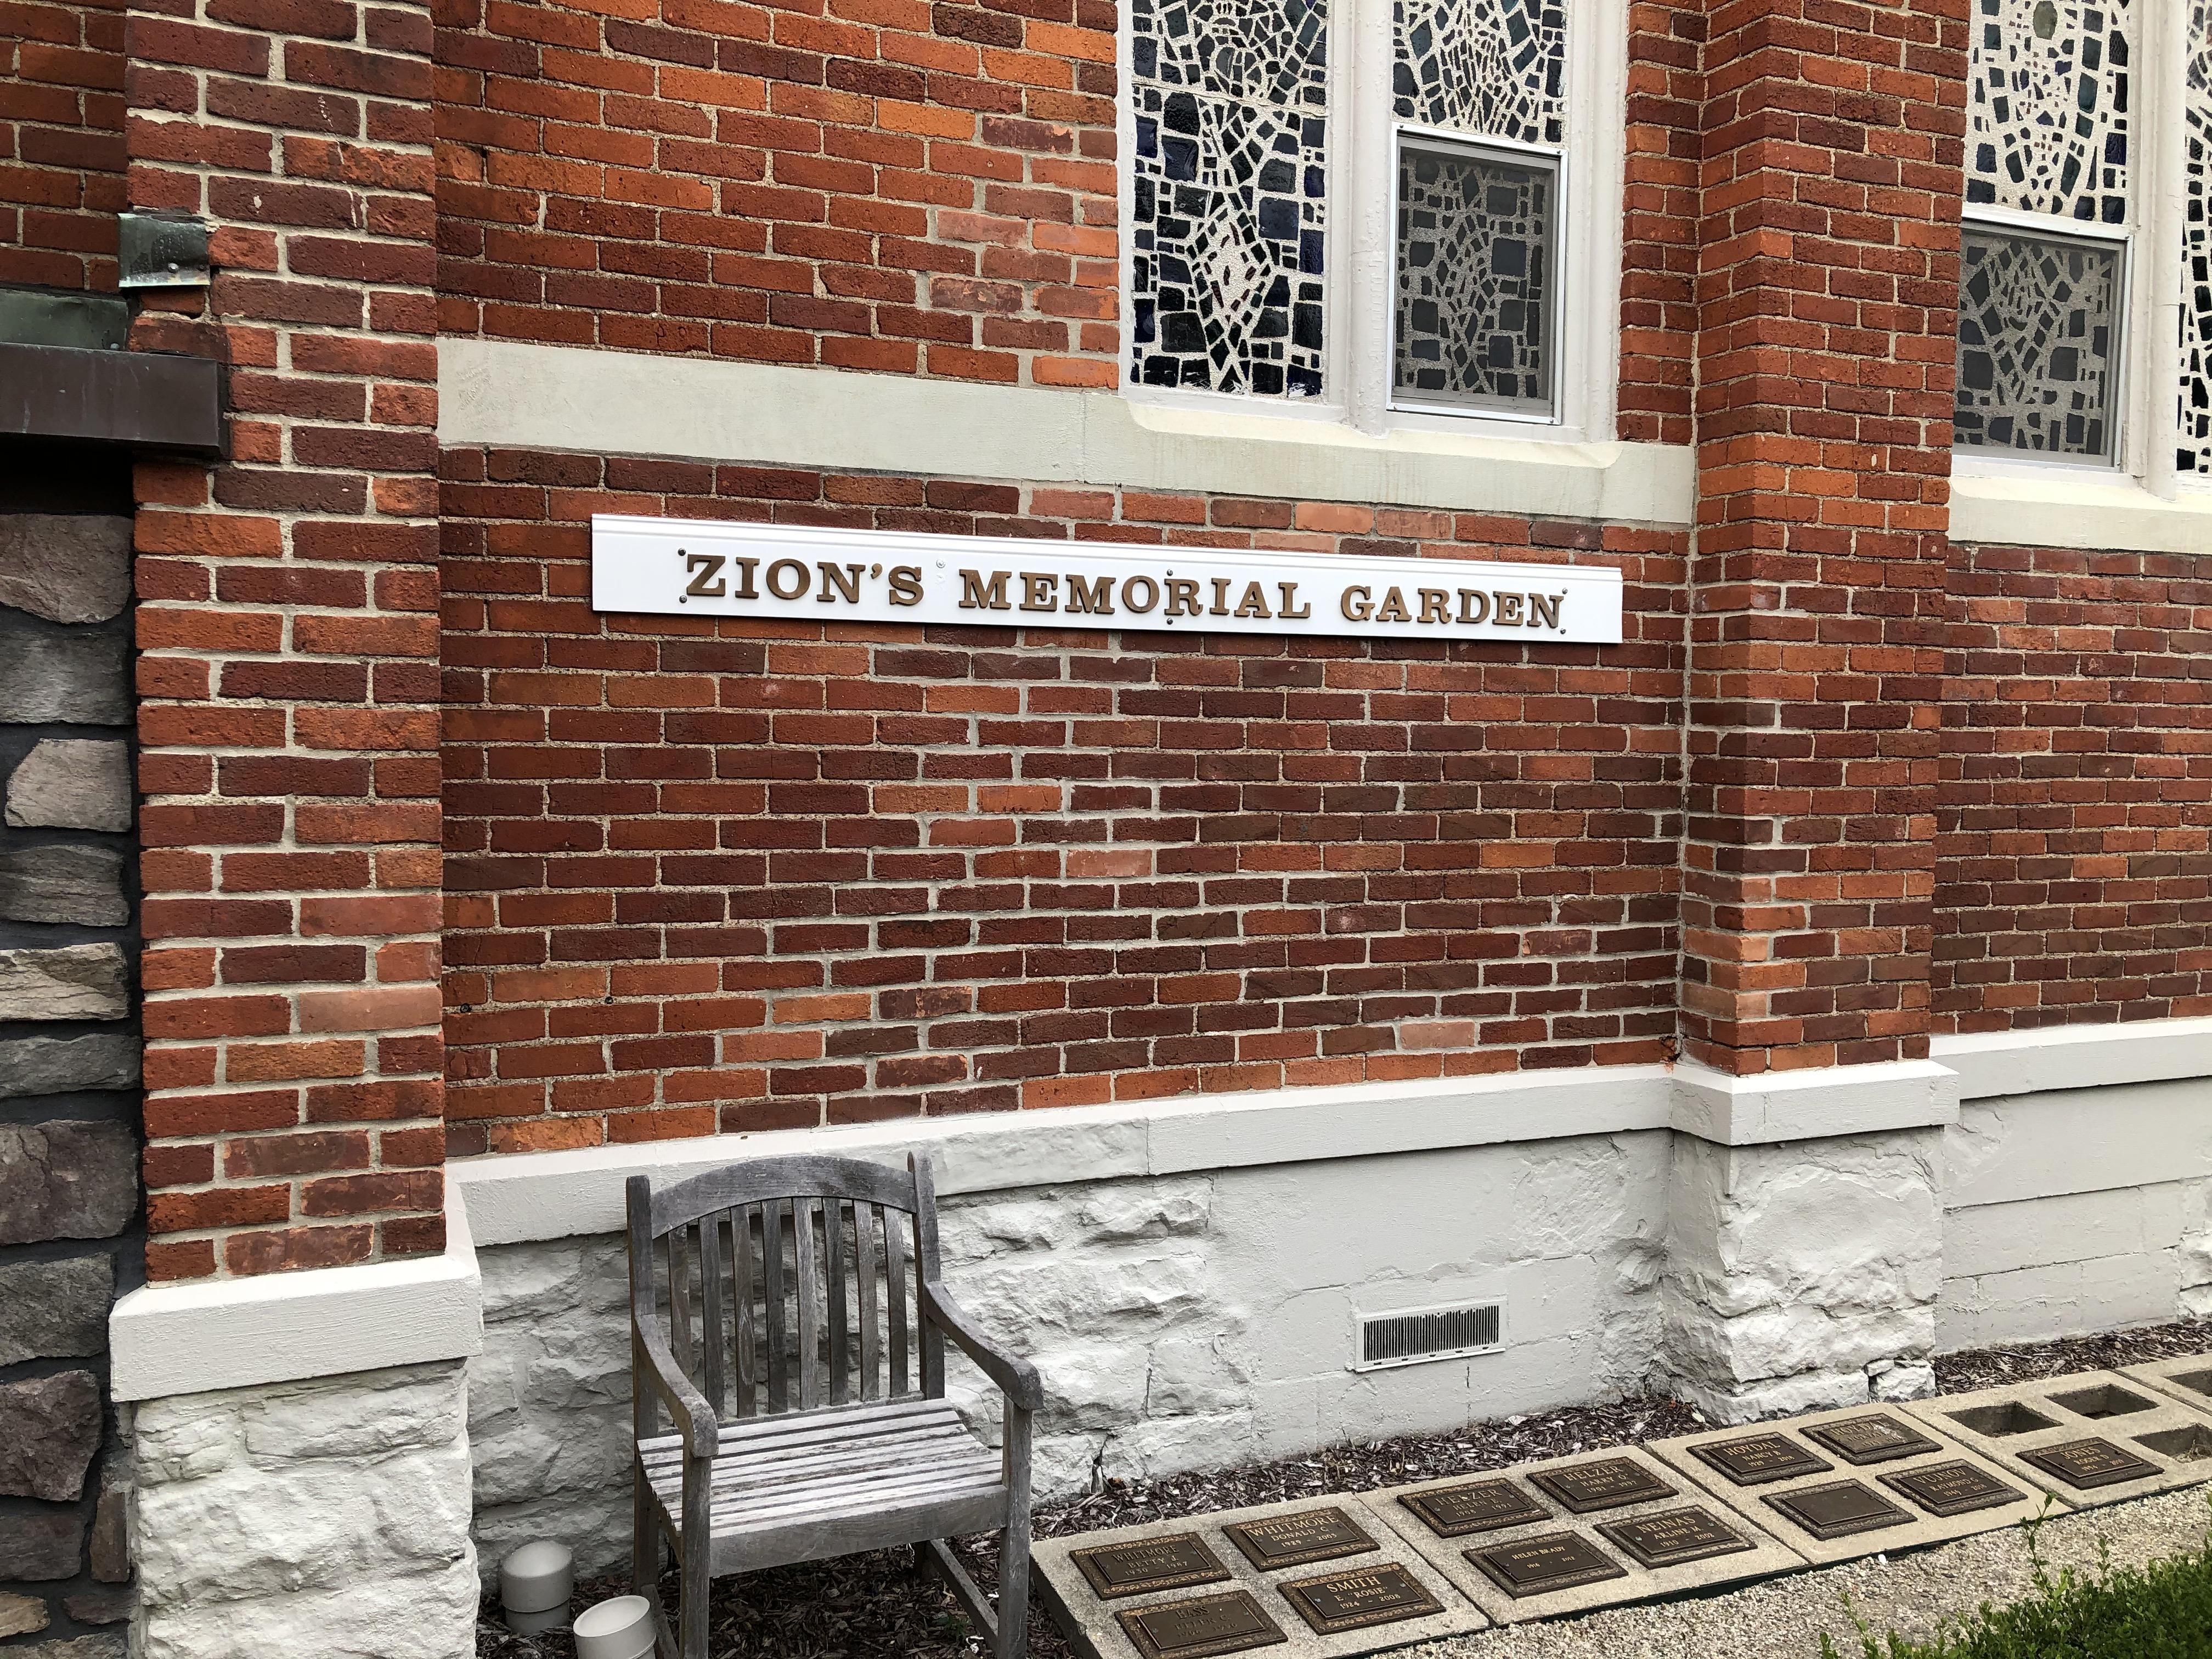 Zion's Memorial Garden